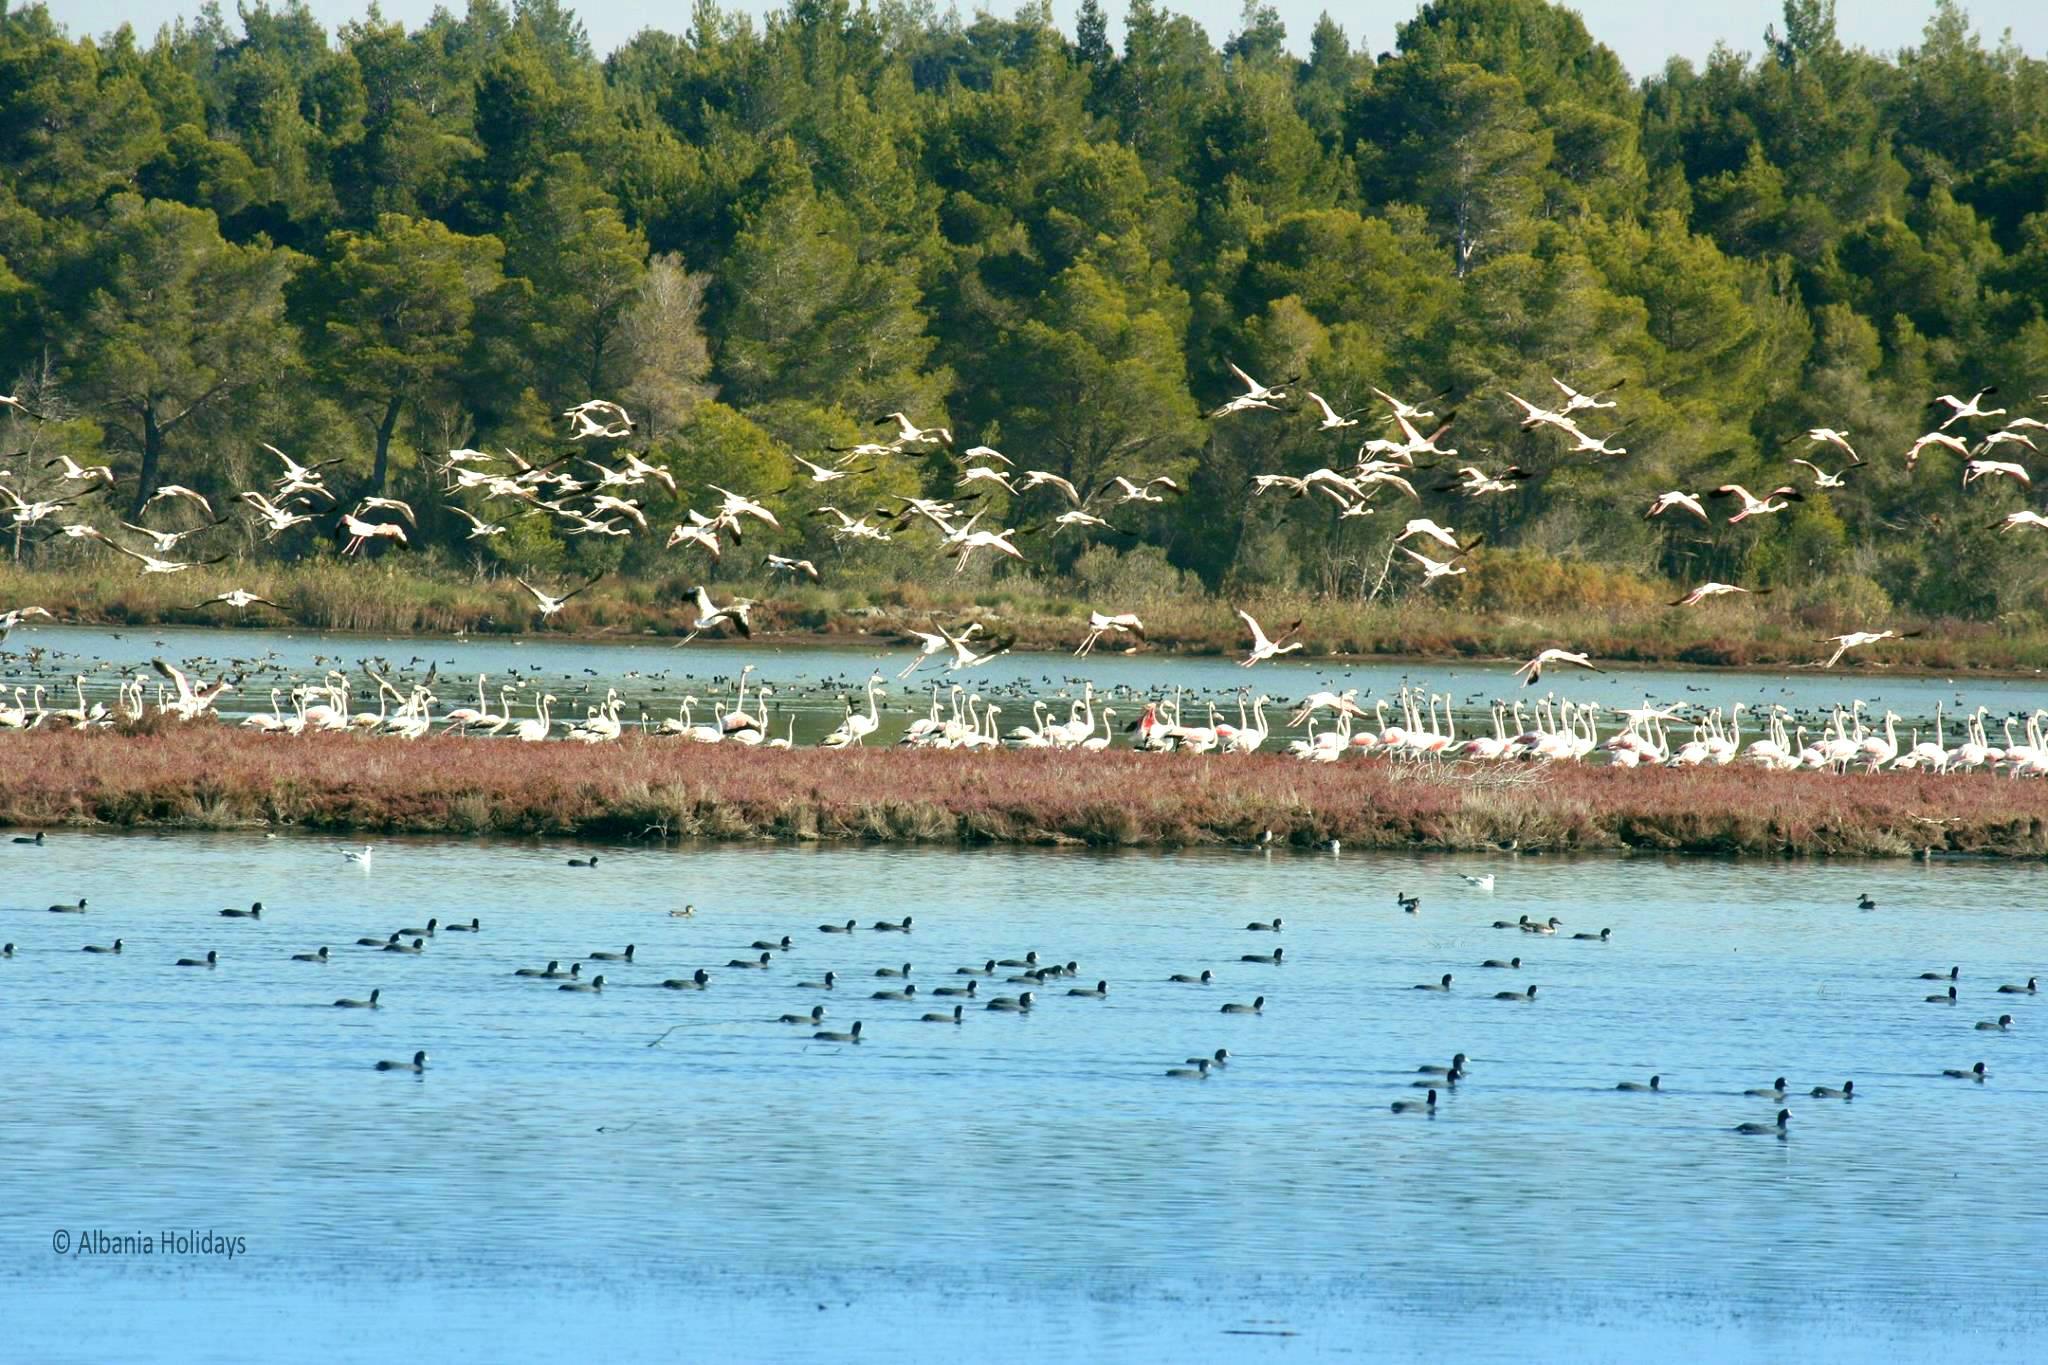 karavasta lagoon albania